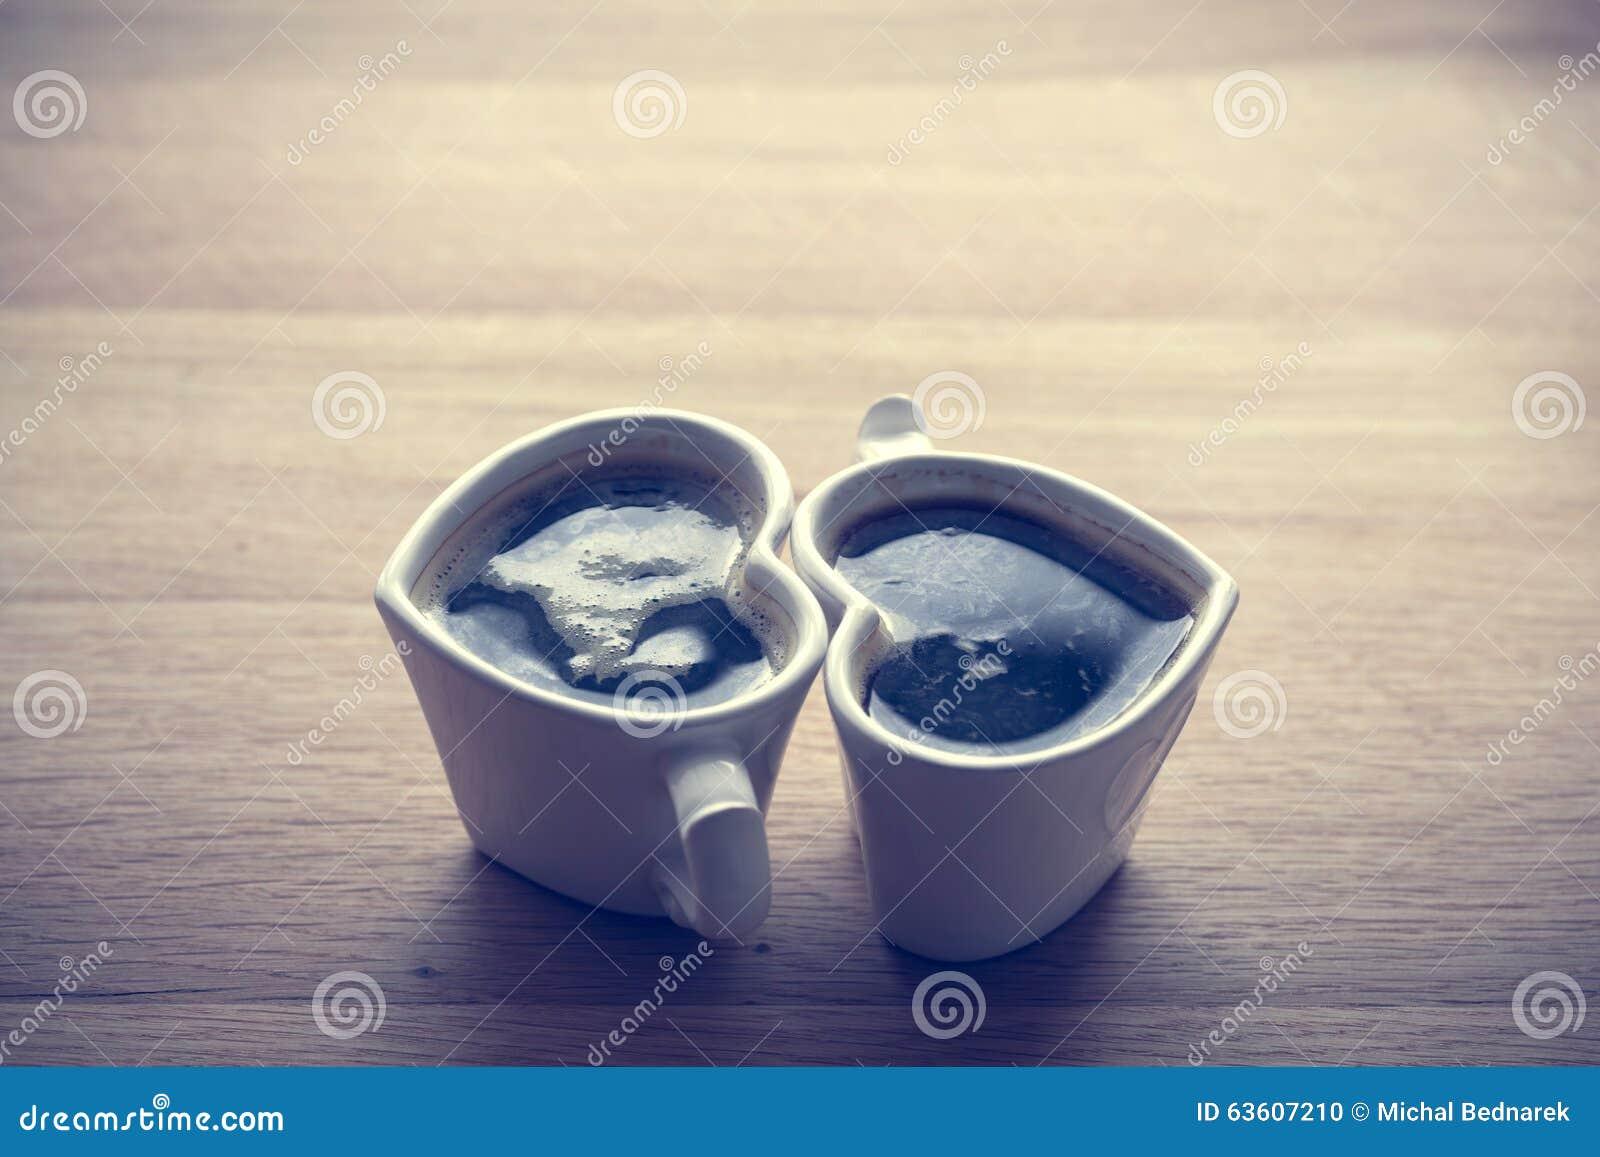 how to make black espresso coffee